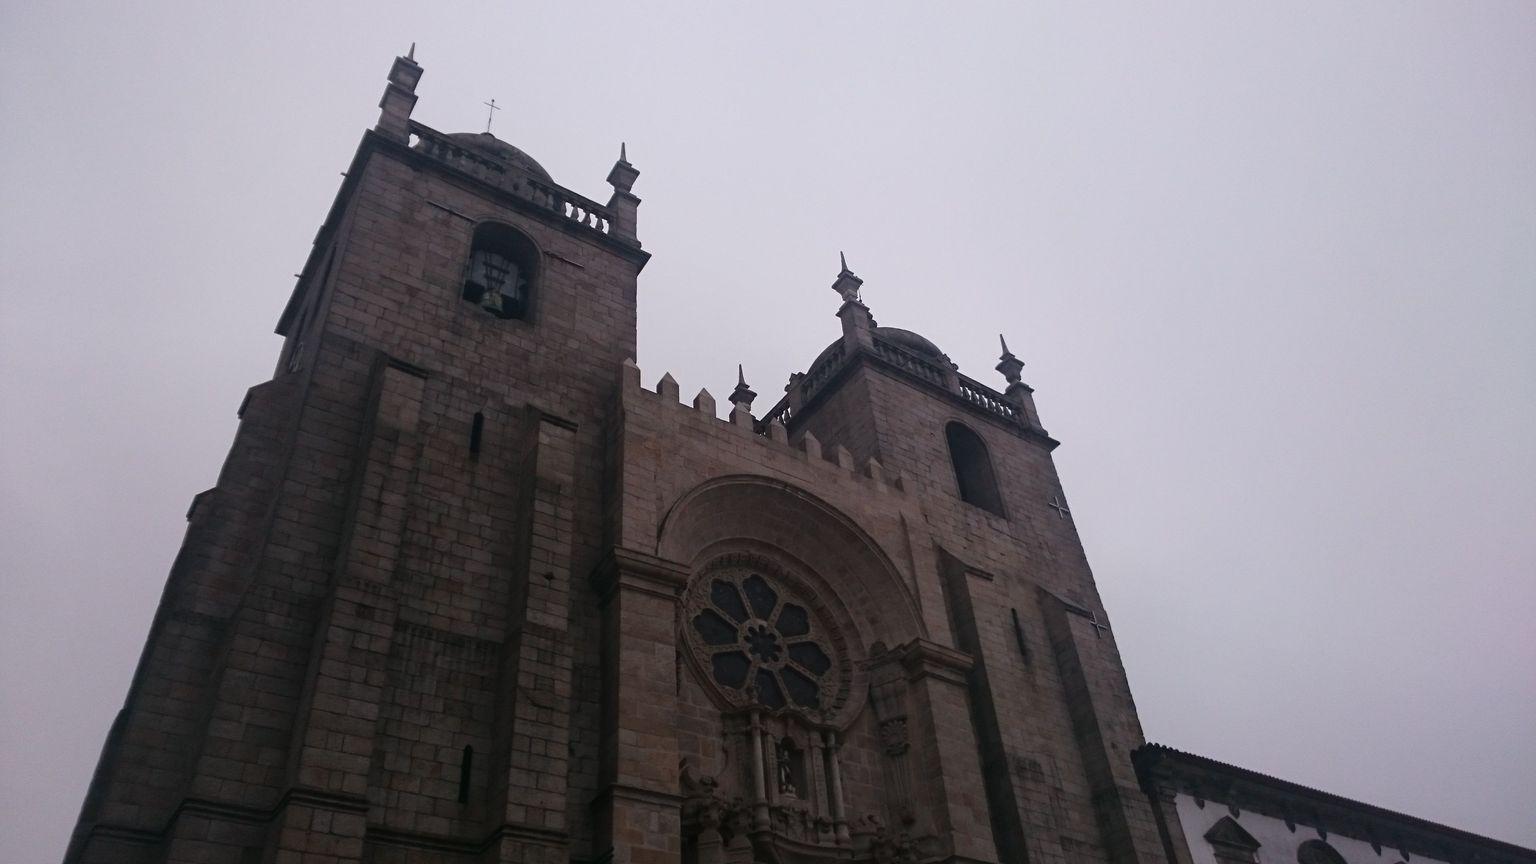 MÁS FOTOS, Recorrido de 3 horas por lo mejor de Oporto en Segway: recorrido guiado